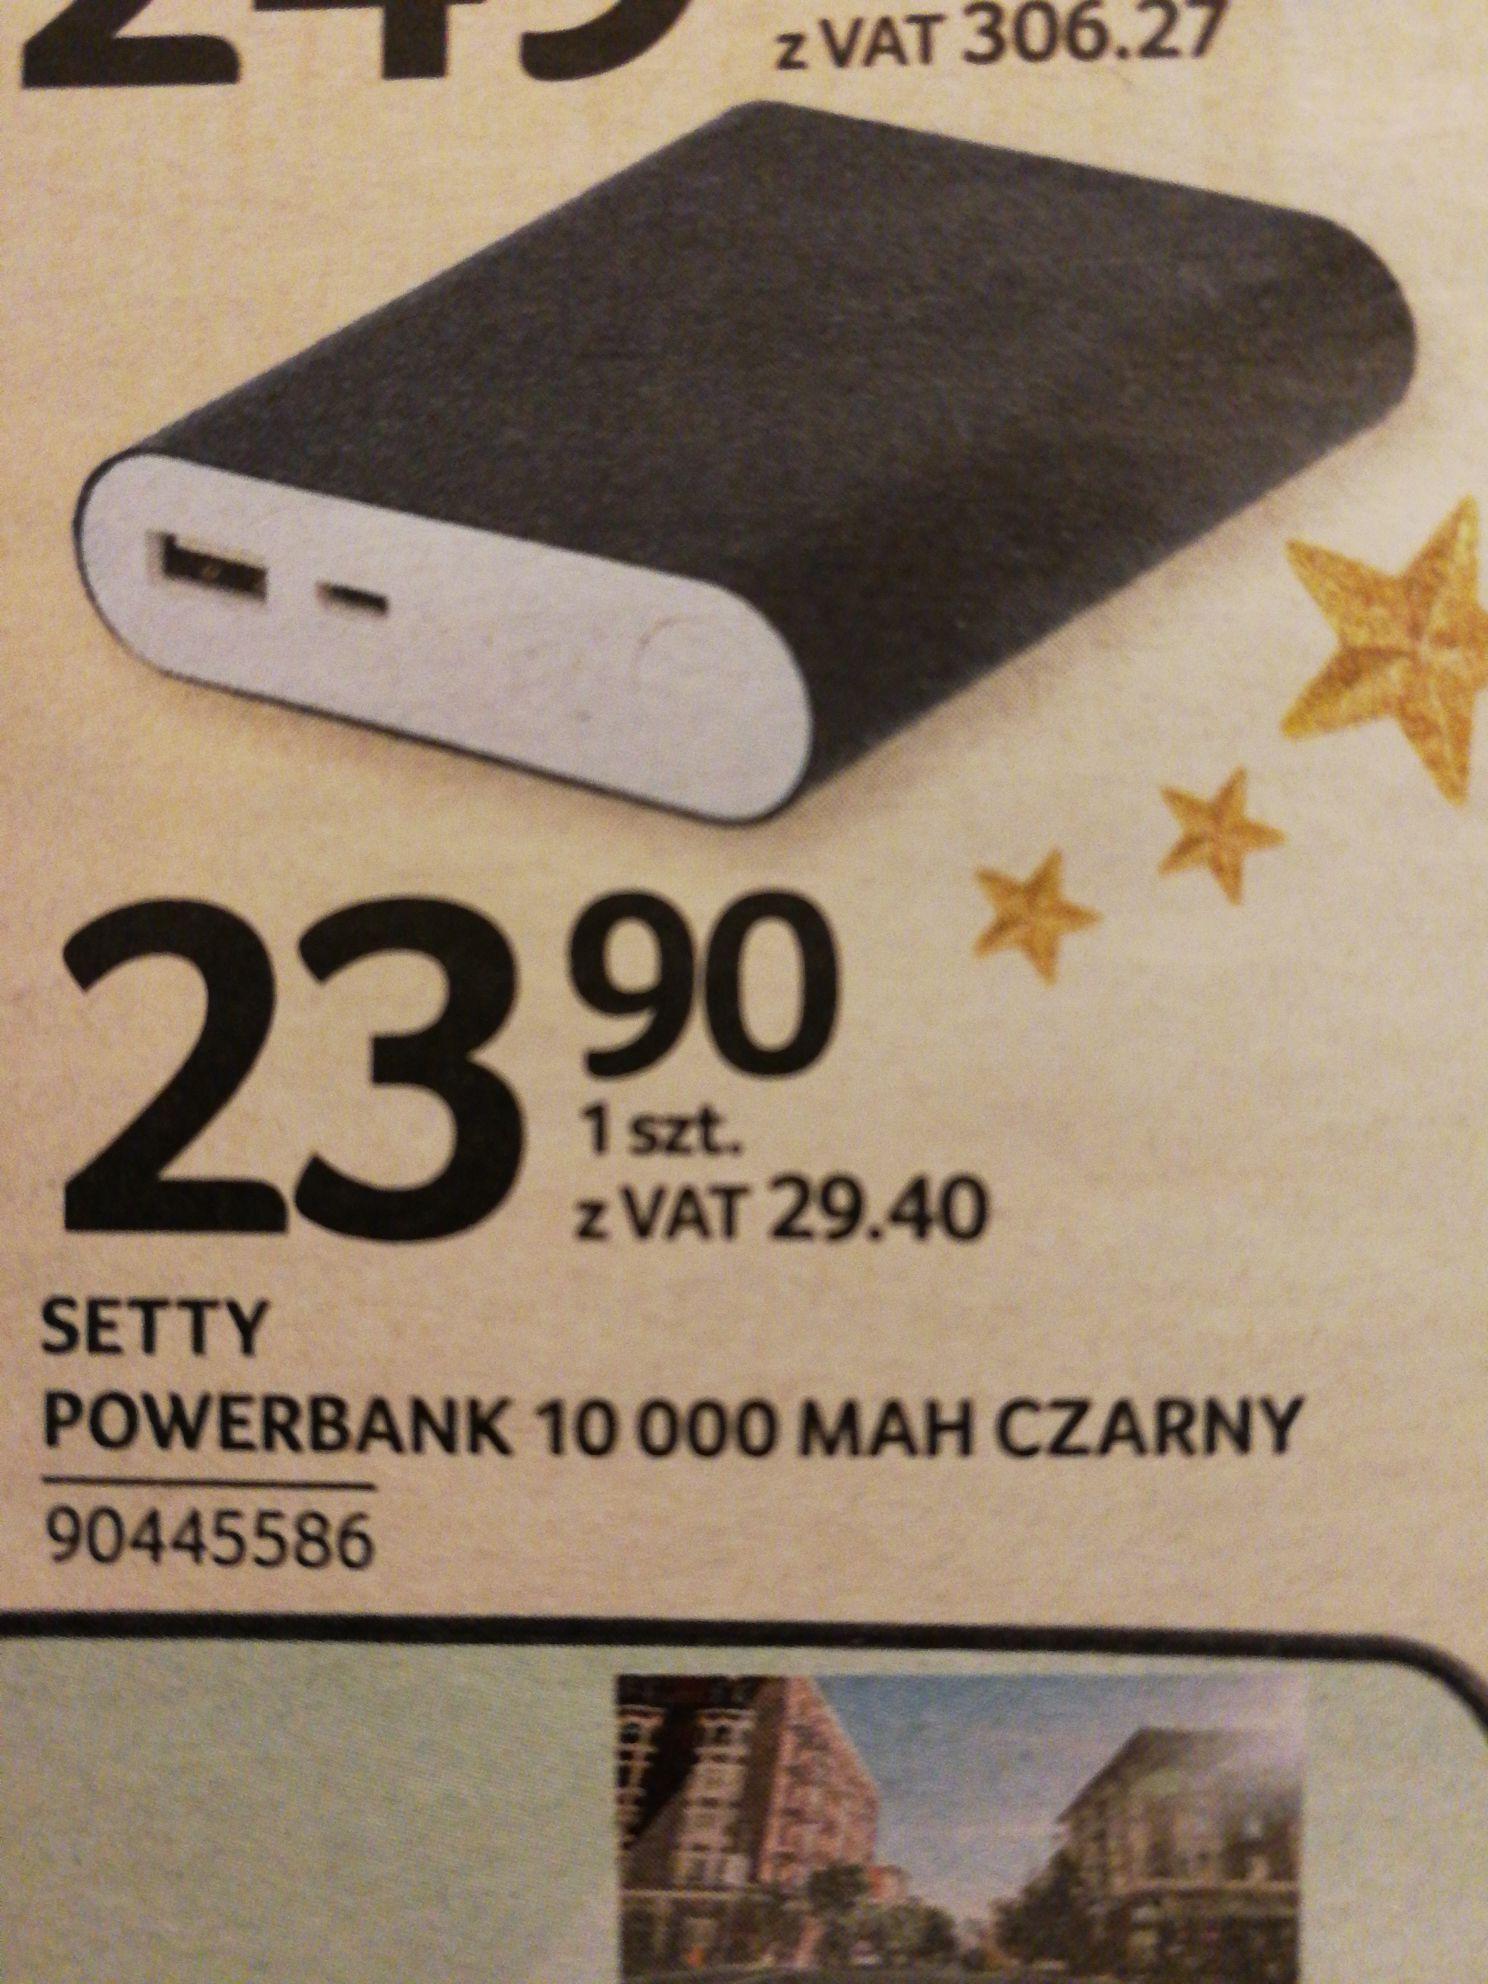 Powerbank Setty 10000mAh